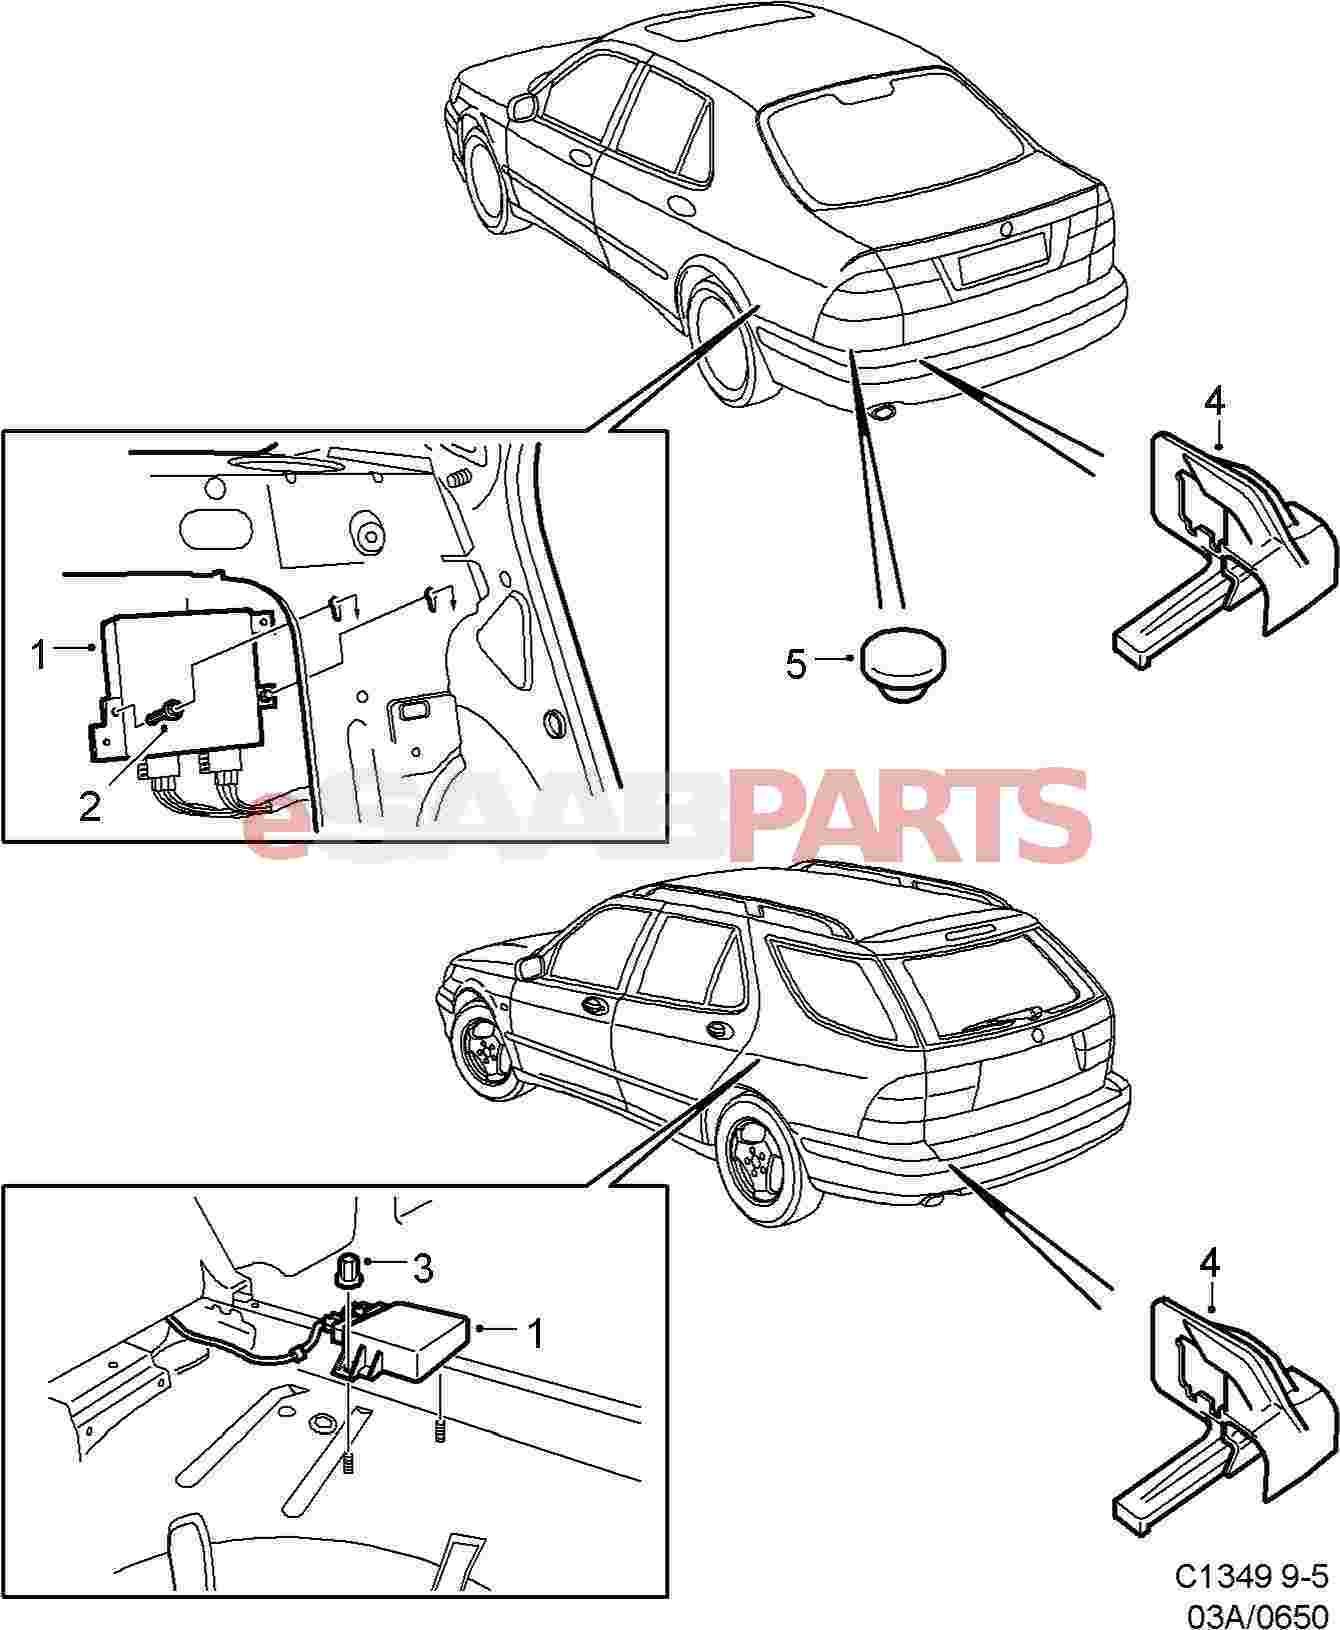 [DIAGRAM_4PO]  eSaabParts.com | Wiring Diagram Saab 95 Parking Assistance |  | eSaabParts.com